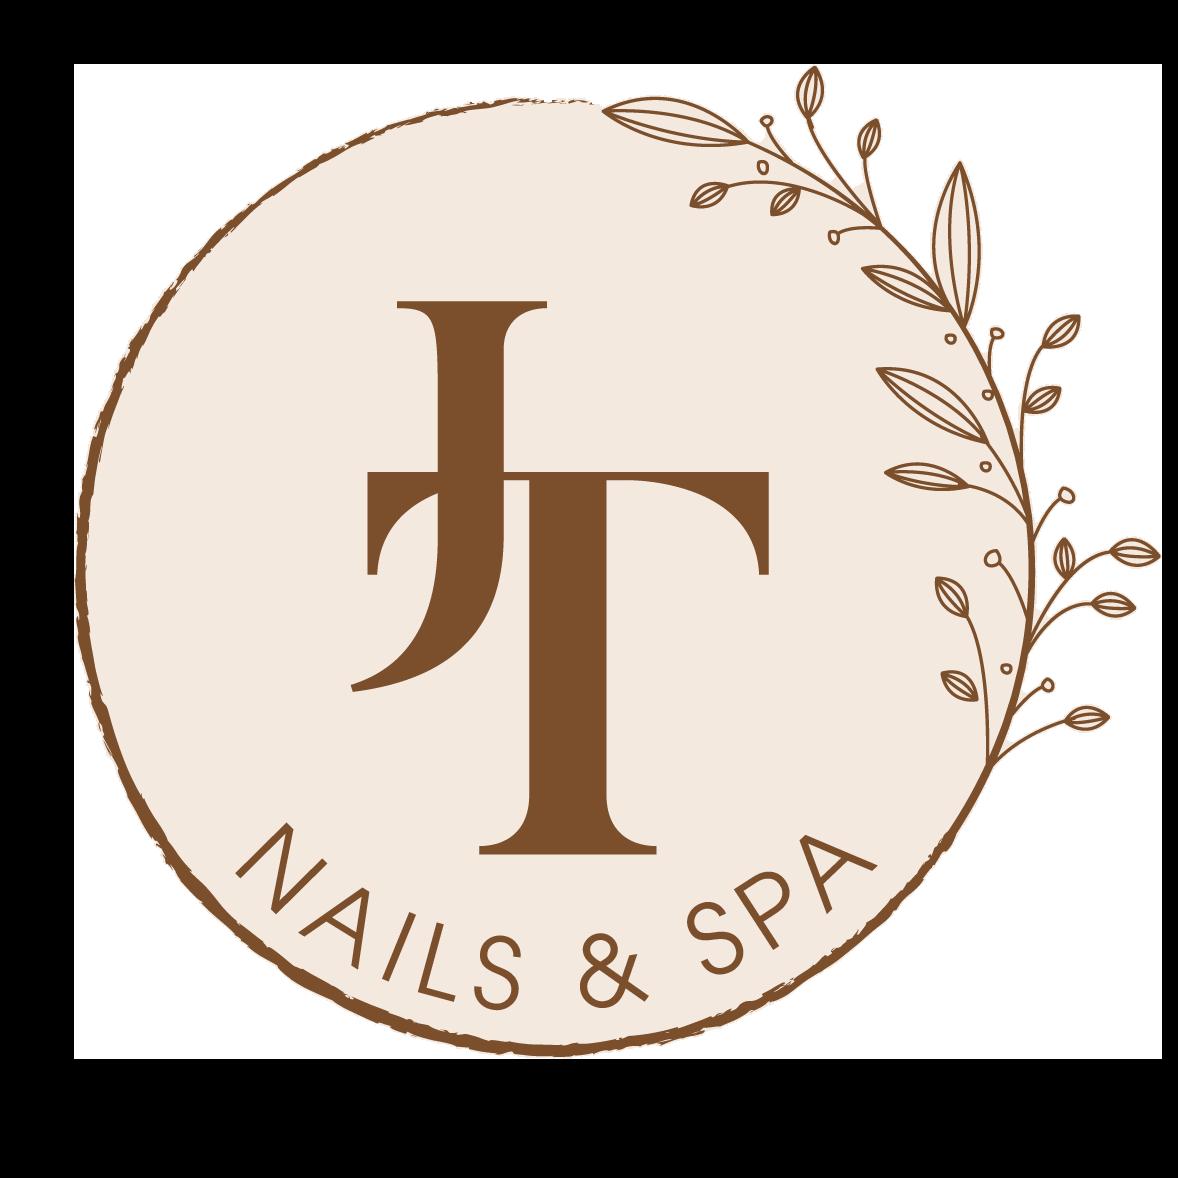 Nail salon 21234 | JT Nails & Spa | Parkville MD 21234